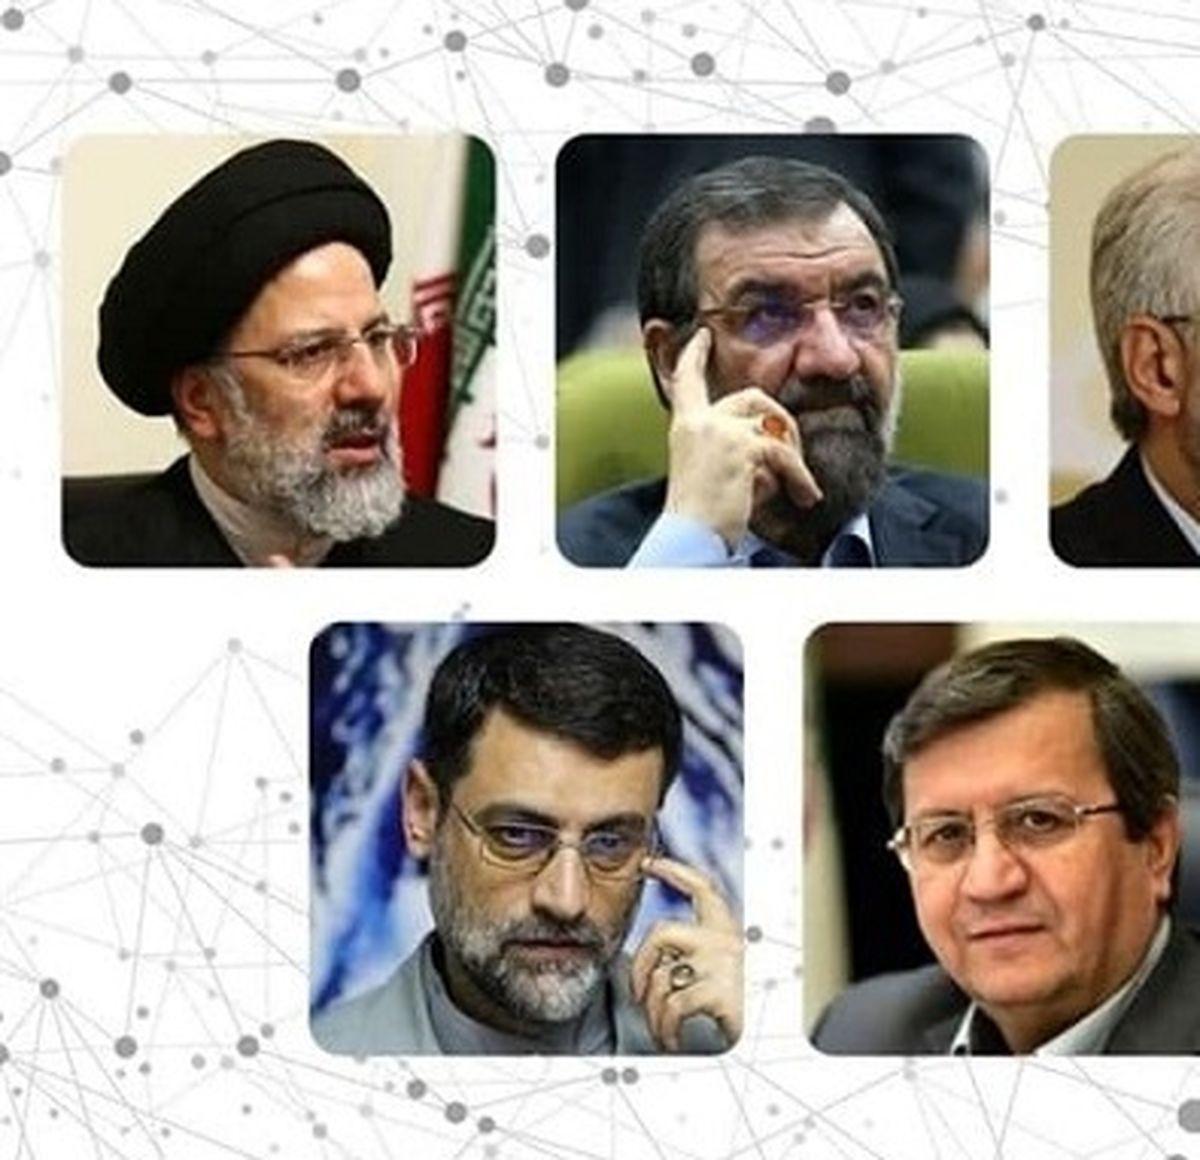 وعده و وعیدهای نامزدهای انتخابات ریاست جمهوری امروز + جزئیات